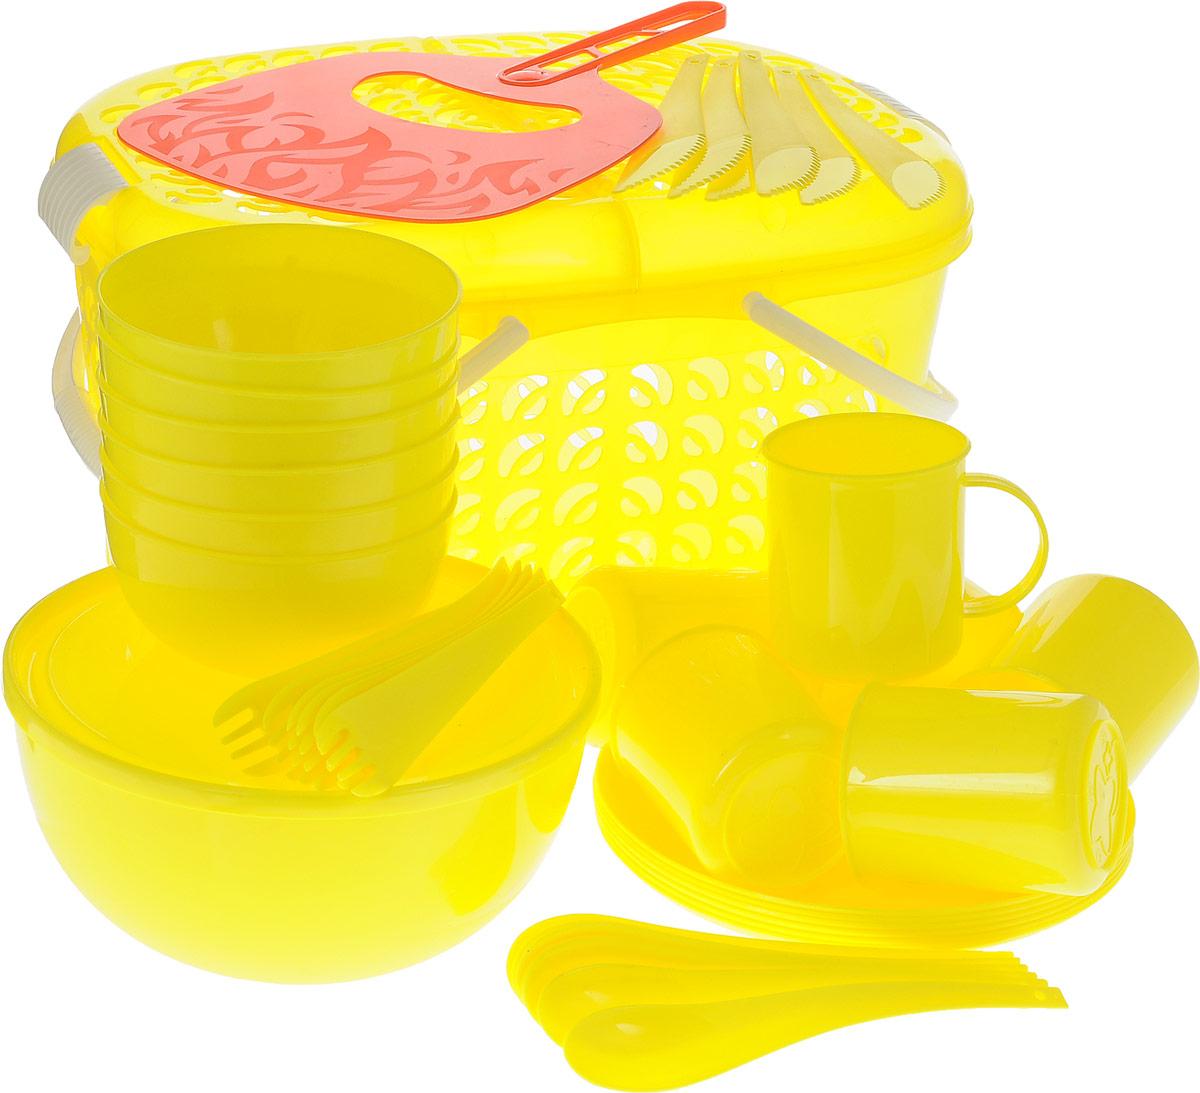 Набор для пикника Plastic Centre, цвет: желтый, красный, 41 предметПЦ1842ЛМННабор для пикника Plastic Centre, выполненный из высококачественного полипропилена, рассчитан на 6 персон. В набор входят корзина-переноска с крышкой, большой салатник с крышкой, веер для раздувания, 6 маленьких салатников, 6 тарелок, 6 кружек, 6 вилок, 6 ложек и 6 ножей. Набор для пикника Plastic Centre - это все, что нужно для организации загородной поездки. Легкую посуду удобно взять с собой. Яркие цвета и привлекательный дизайн создадут уютную атмосферу и дополнят радостные моменты на природе. Прочный пластик подходит для многократного использования. Корзина-переноска с крышкой и удобными ручками позволит вместить не только сам набор, но и еду для пикника. Набор для пикника Plastic Centre обеспечит полноценный отдых на природе для большой компании или семьи. Объем большого салатника: 2,5 л. Диаметр большого салатника (по верхнему краю): 20,5 см. Высота большого салатника: 10 см. Объем маленького салатника: 550 мл. ...